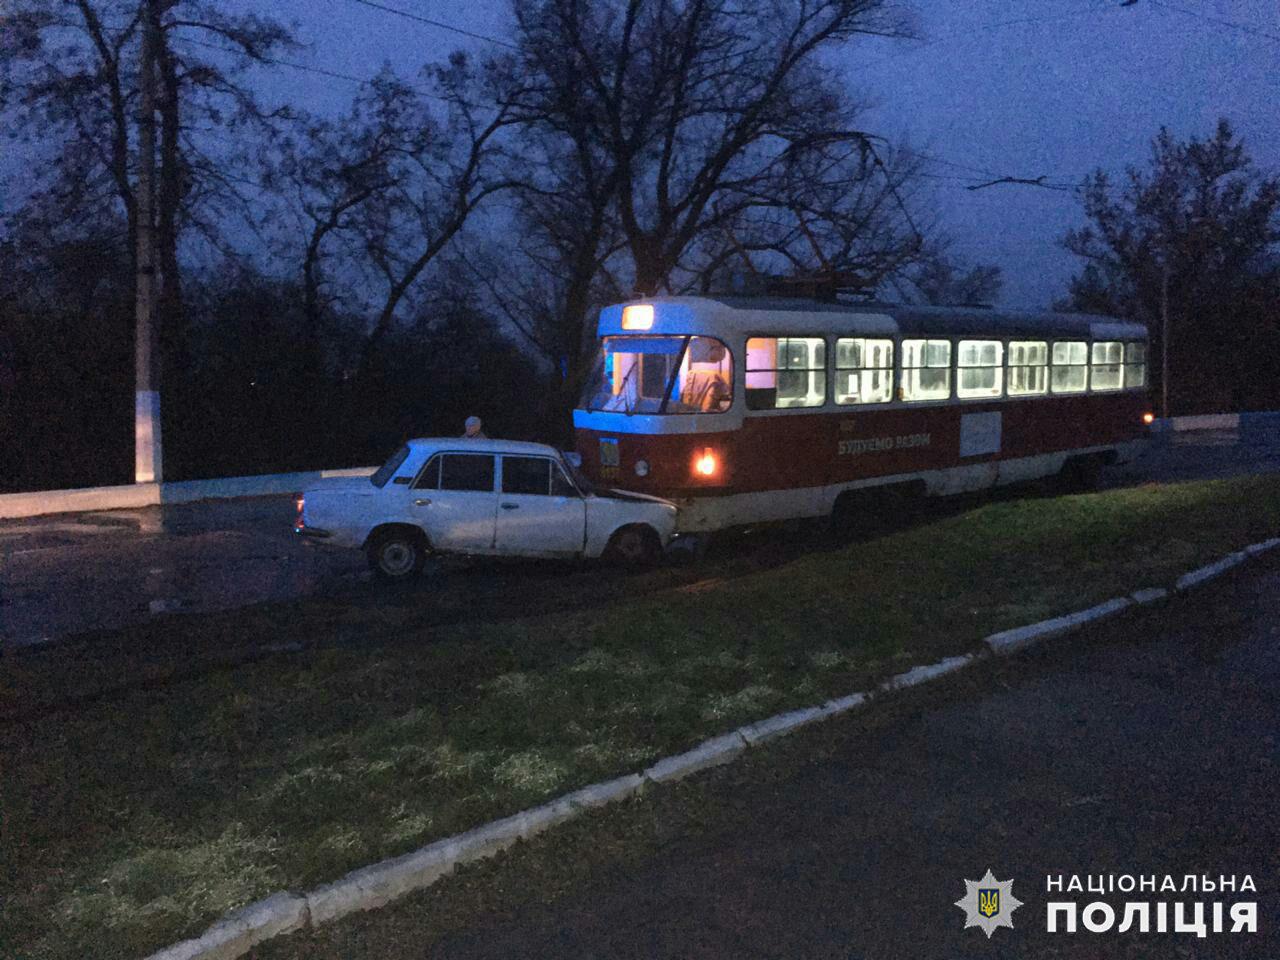 Осенний «поцелуй»: В Дружковке сегодня рано утром «копейка» врезалась в трамвай (ФОТО), фото-1